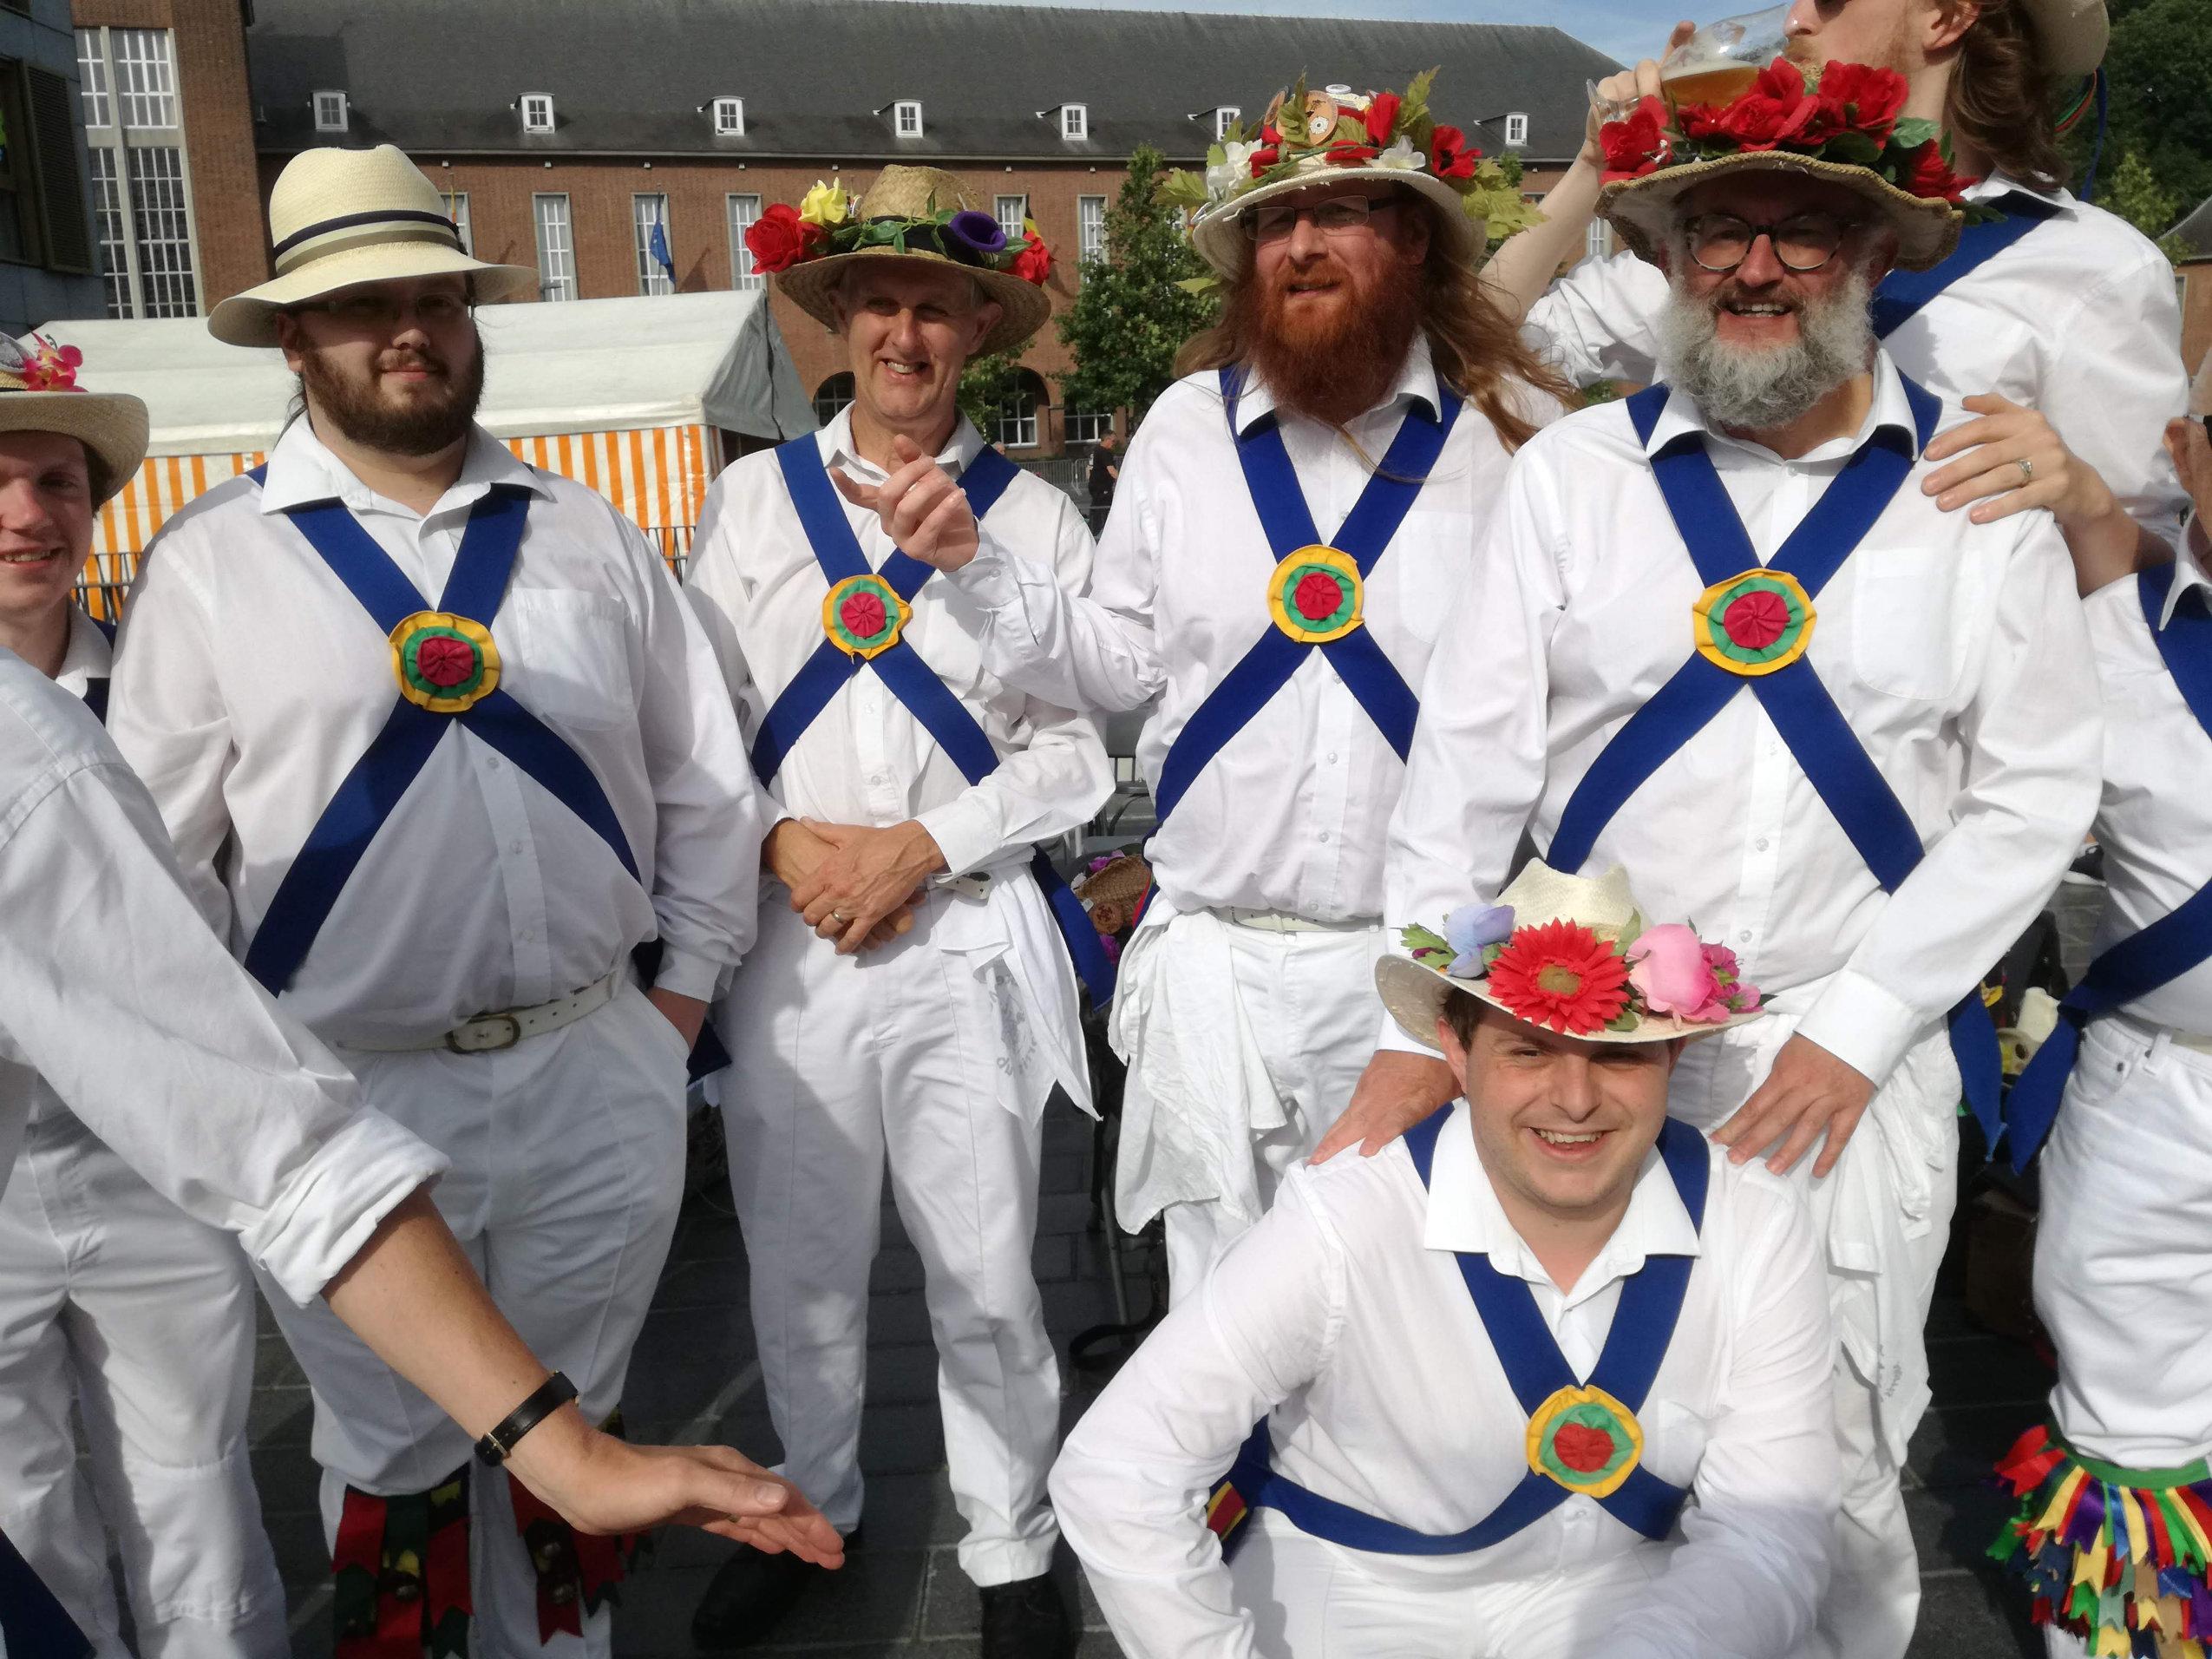 Mortsel in Flanders